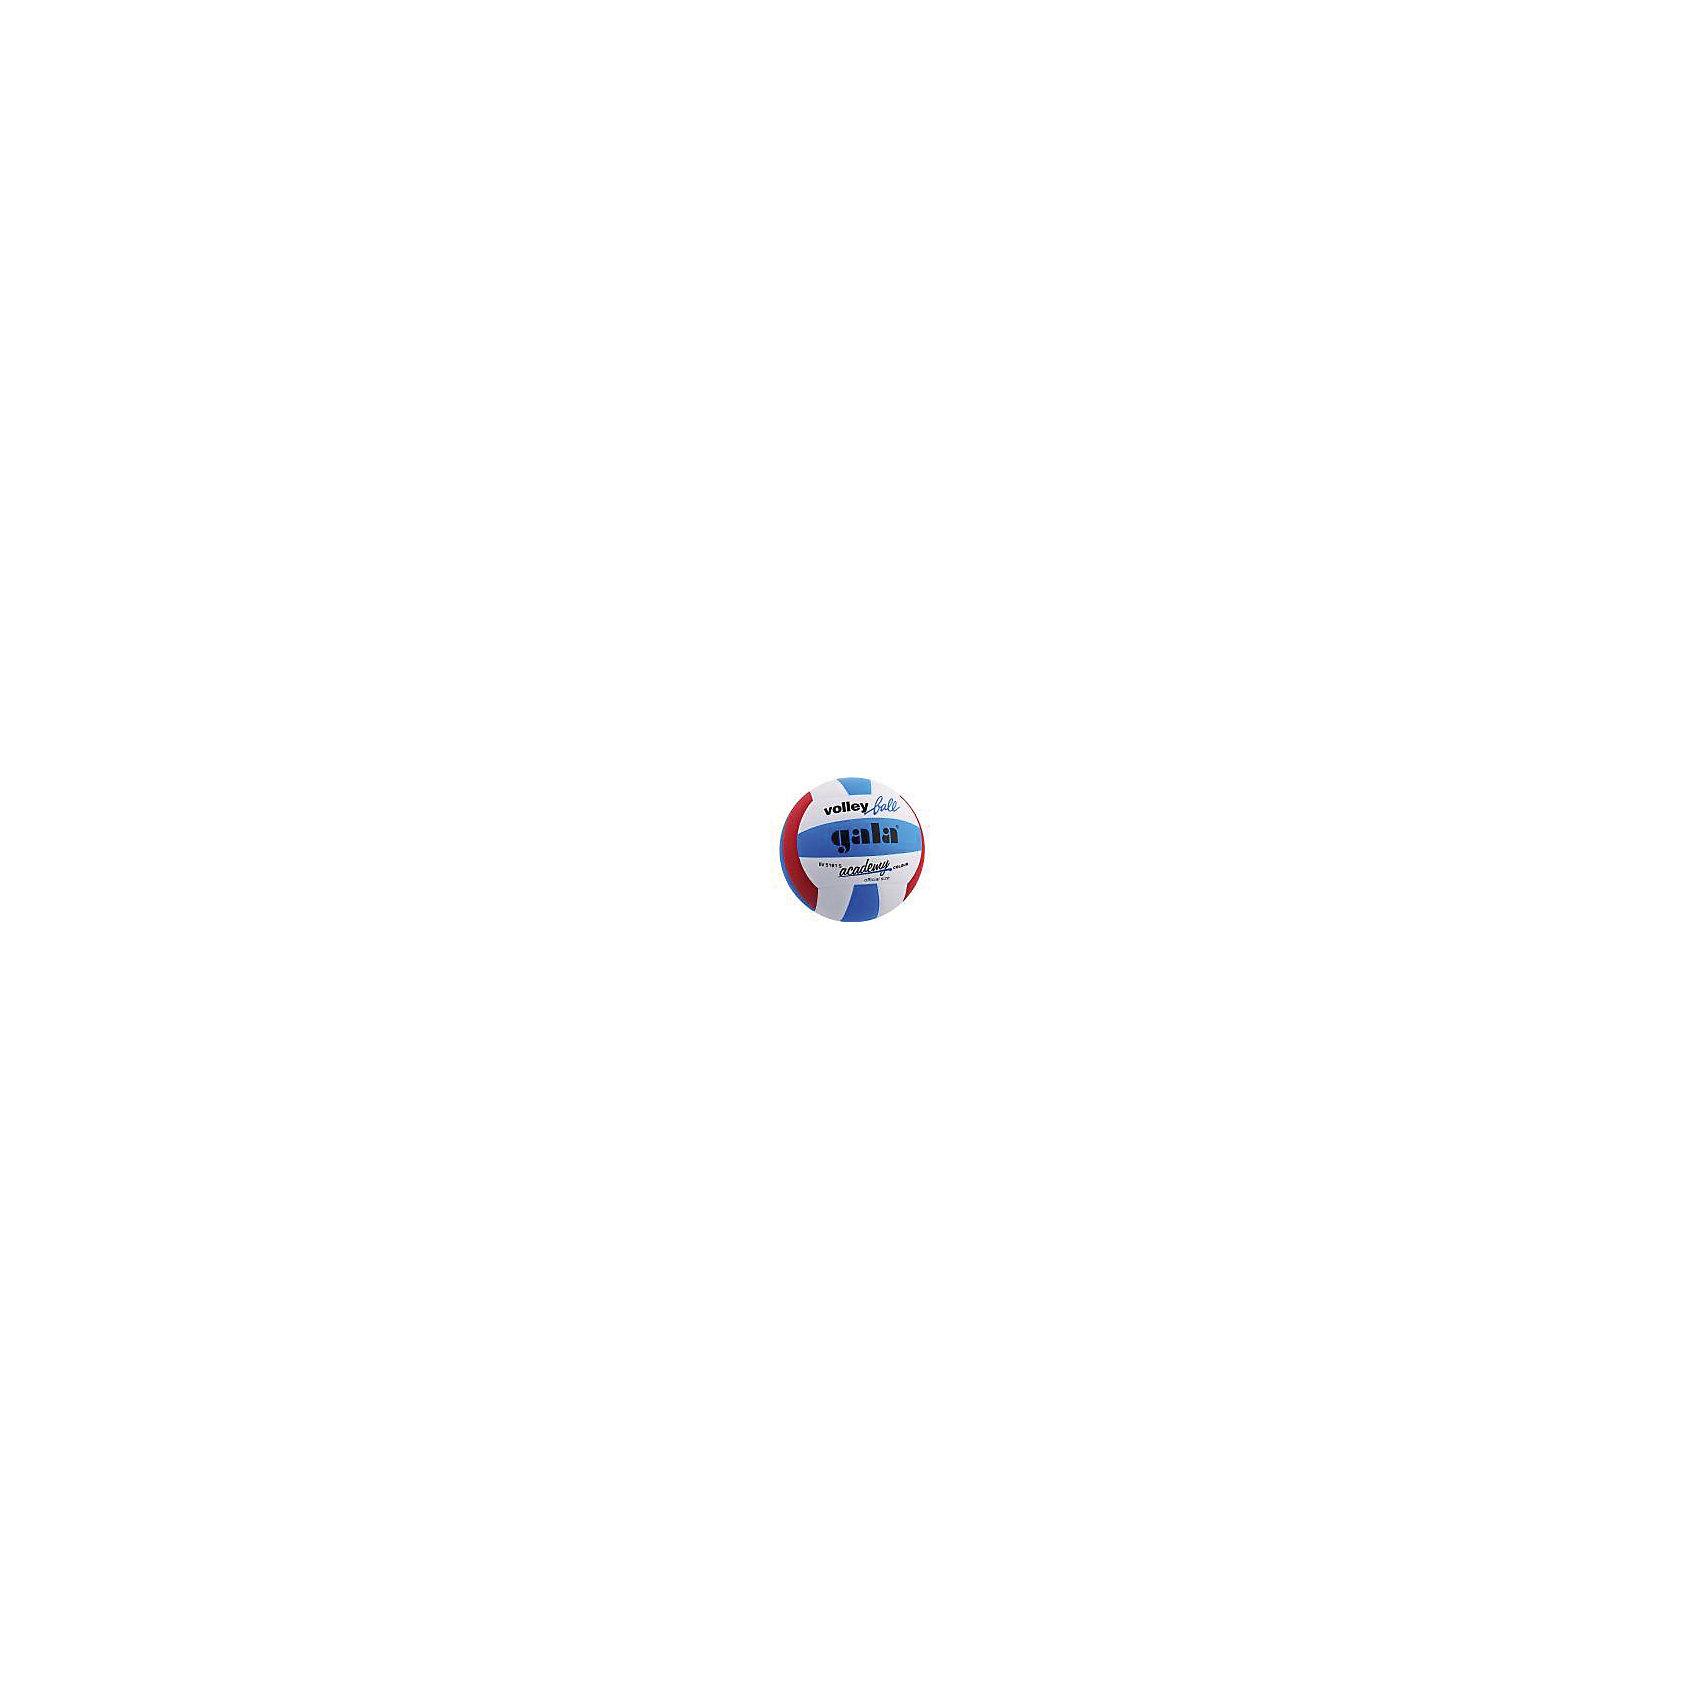 Волейбольный мяч Academy, р. 5, синт. кожа, Gala